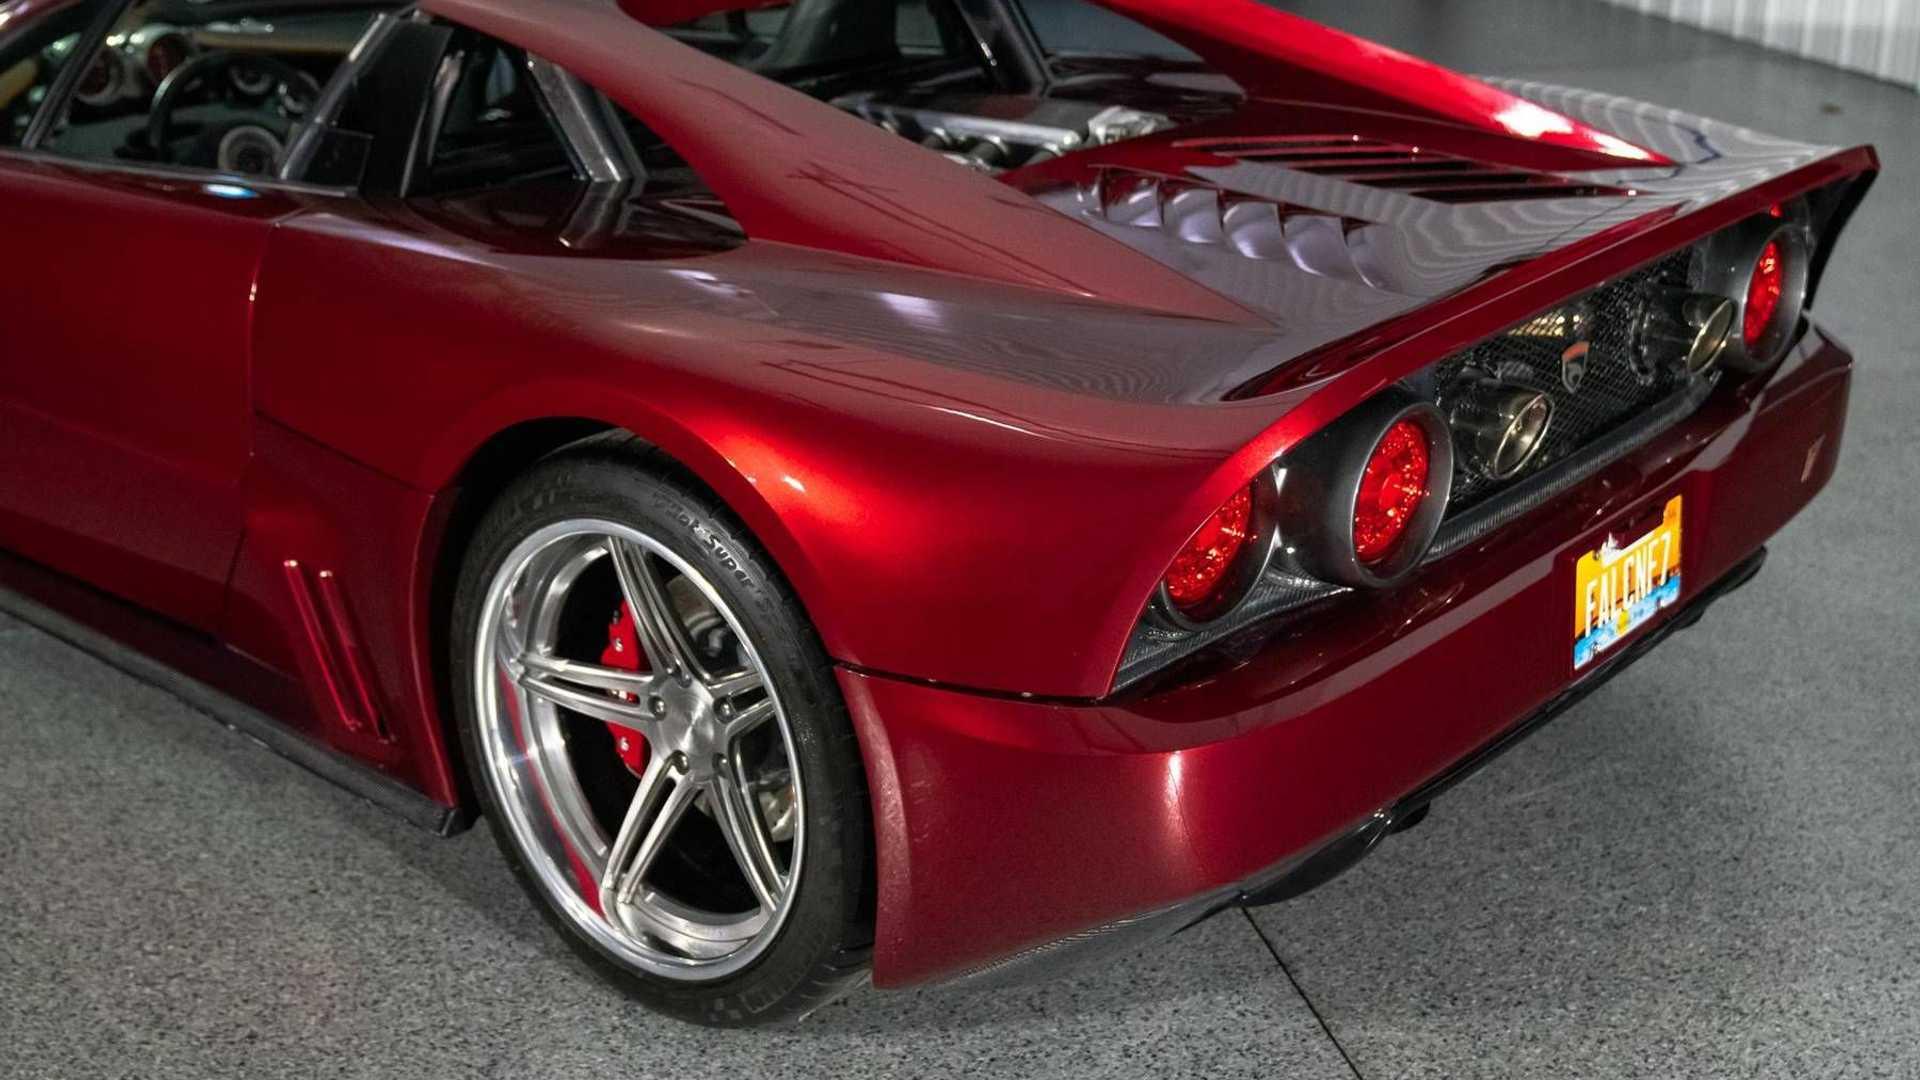 فالکن F1؛ خودرویی که فقط 6 دستگاه از آن وجود دارد! / عکس